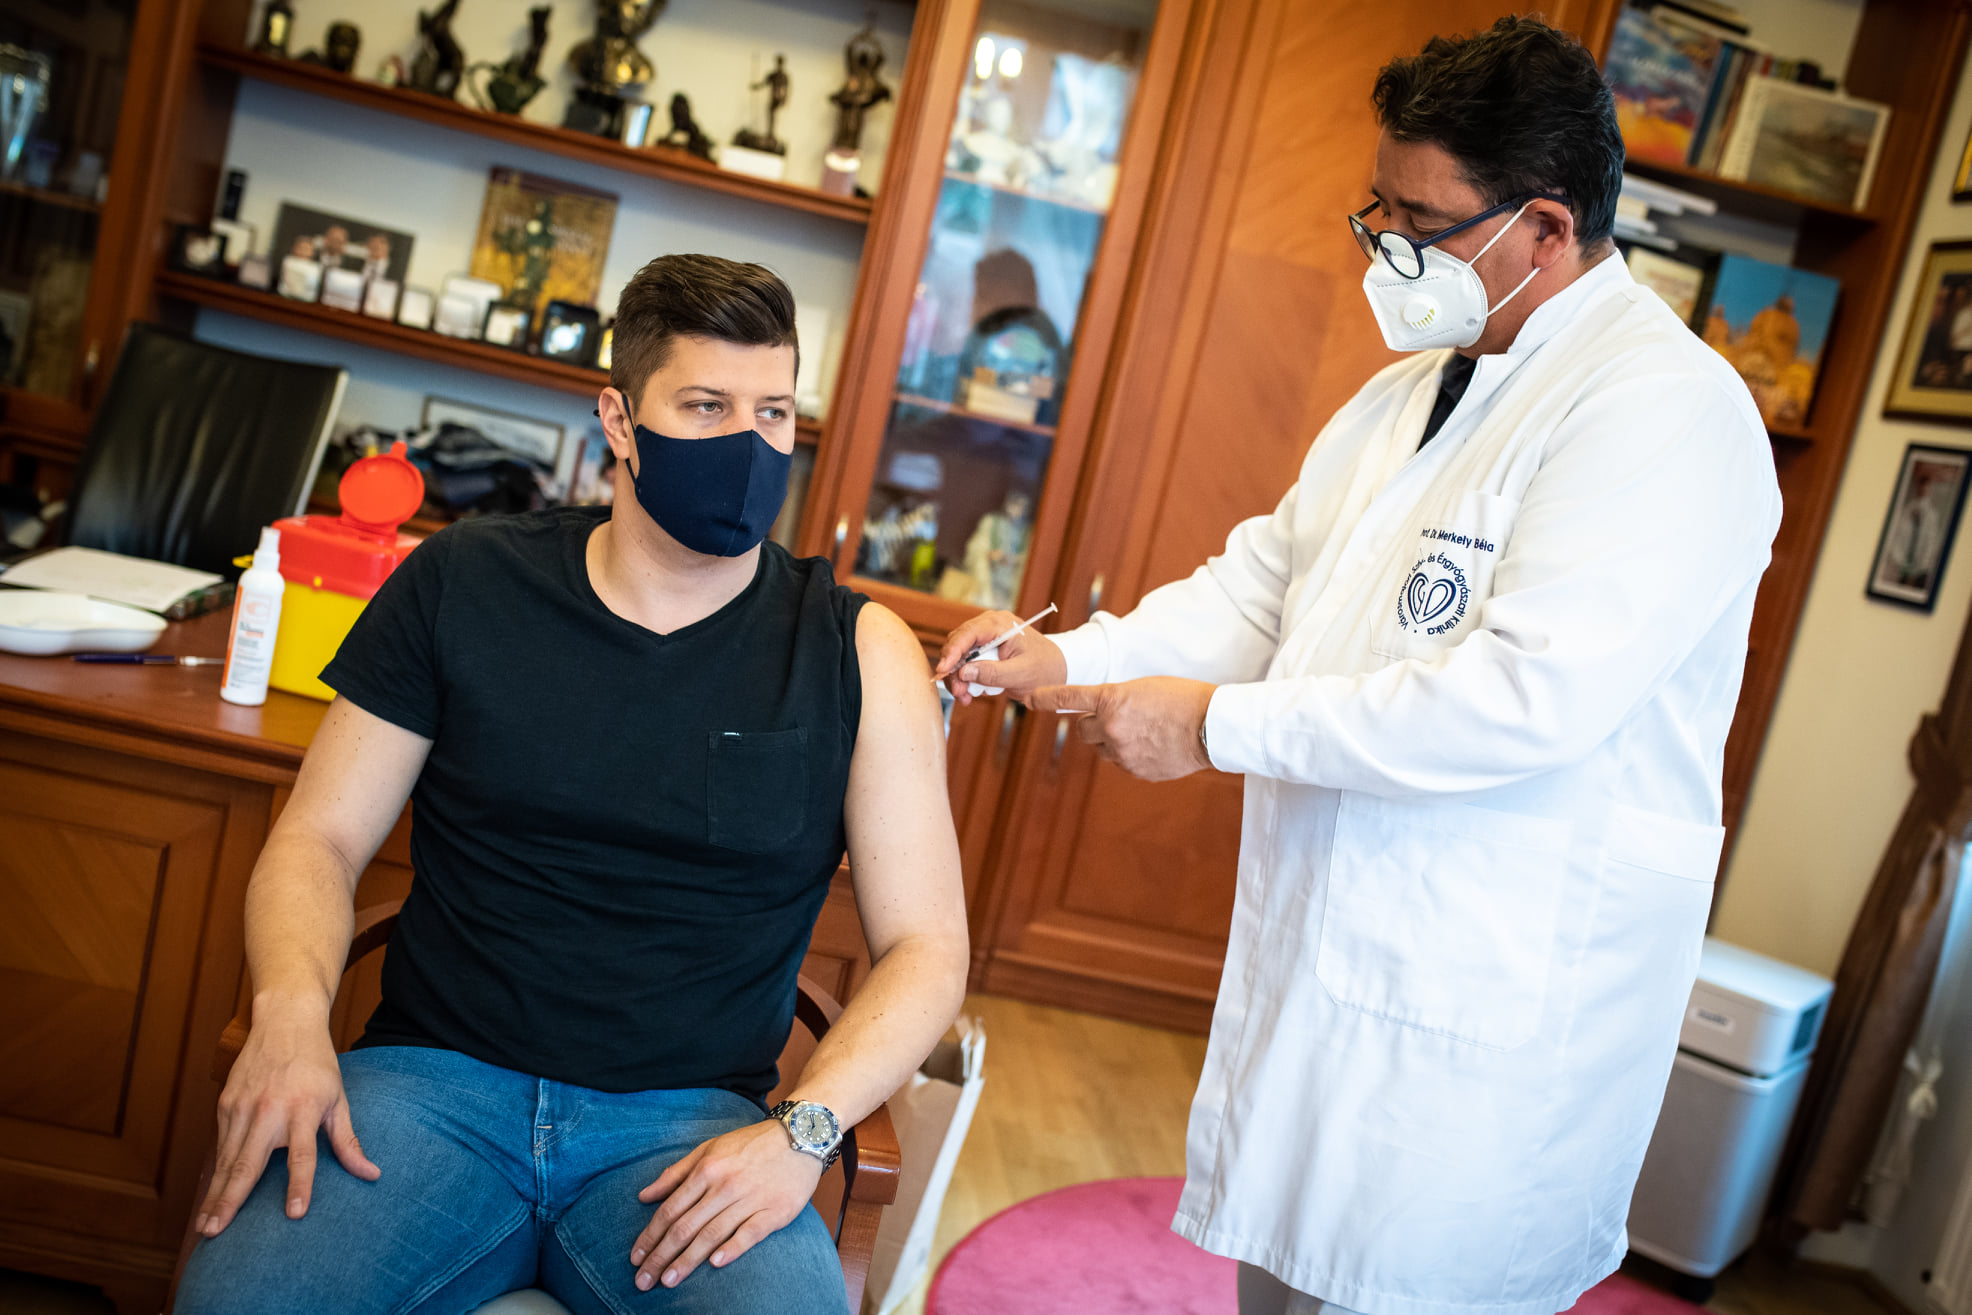 Coronavirus: Ungarische Prominente machen Werbung für die Impfung